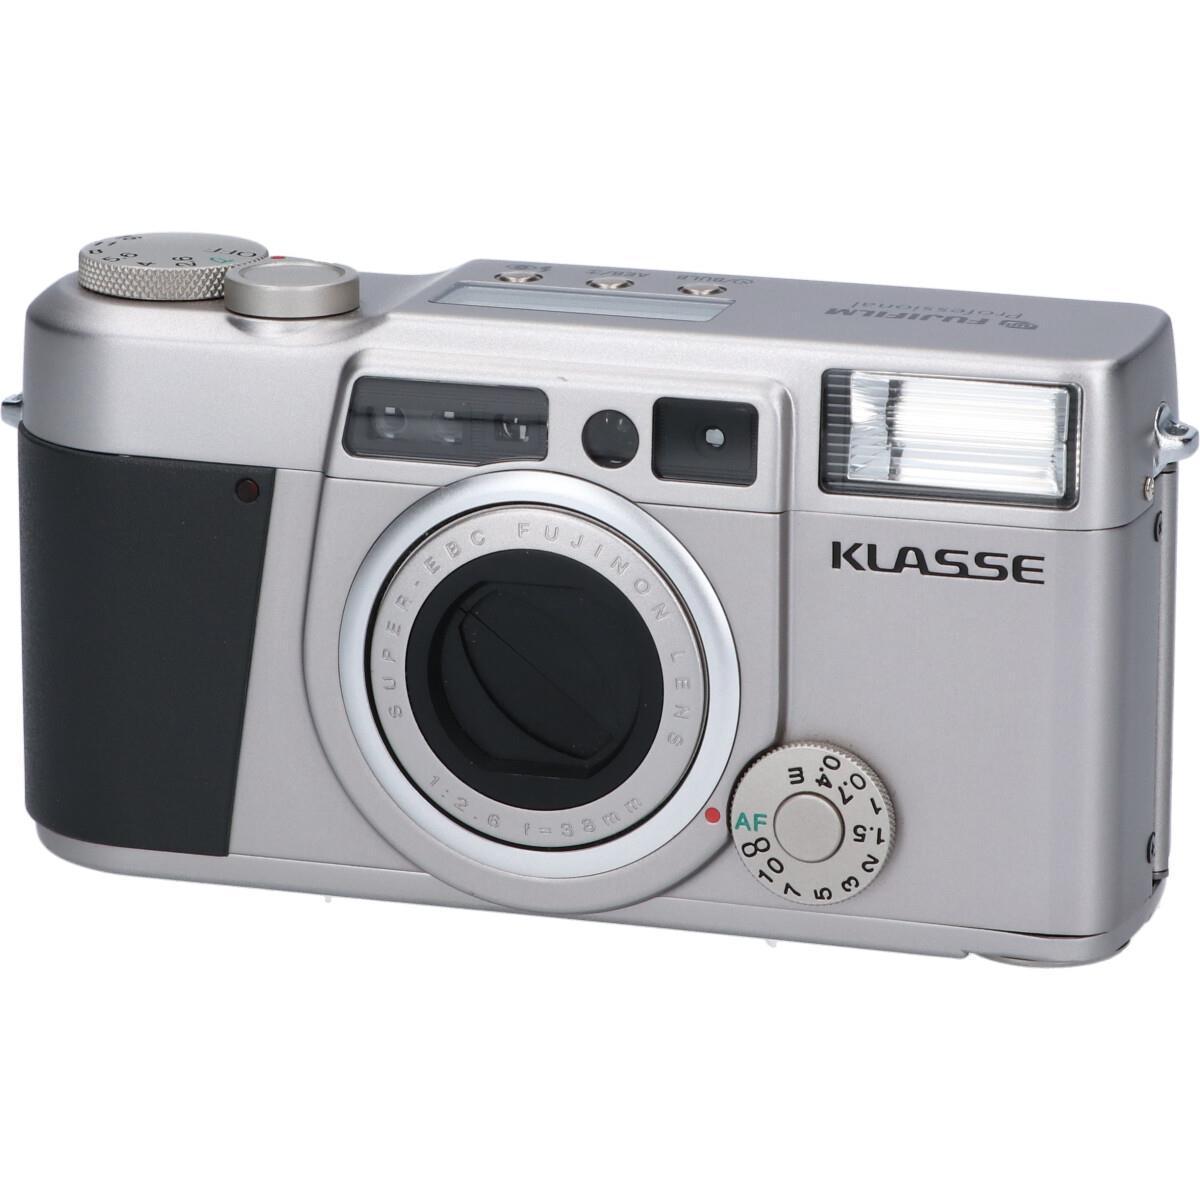 フィルムカメラ, フィルム一眼レフカメラ FUJIFILM KLASSE